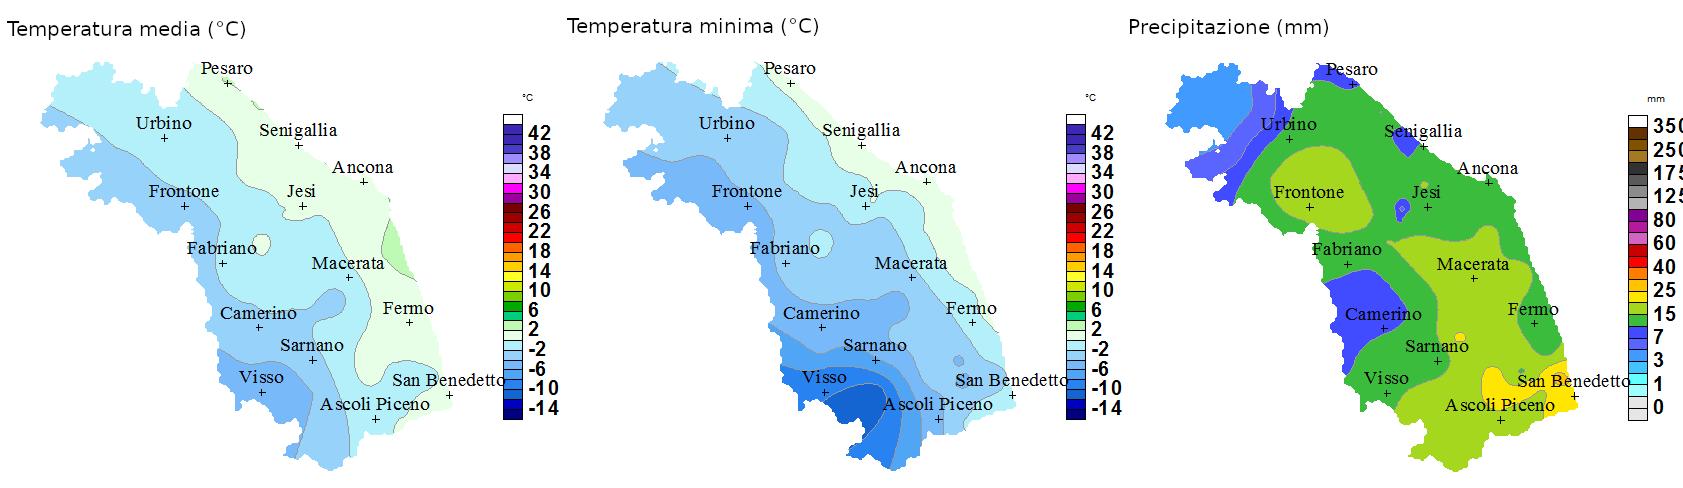 Meteo ASSAM Regione Marche - temperatura precipitazione 13 febbraio 2021